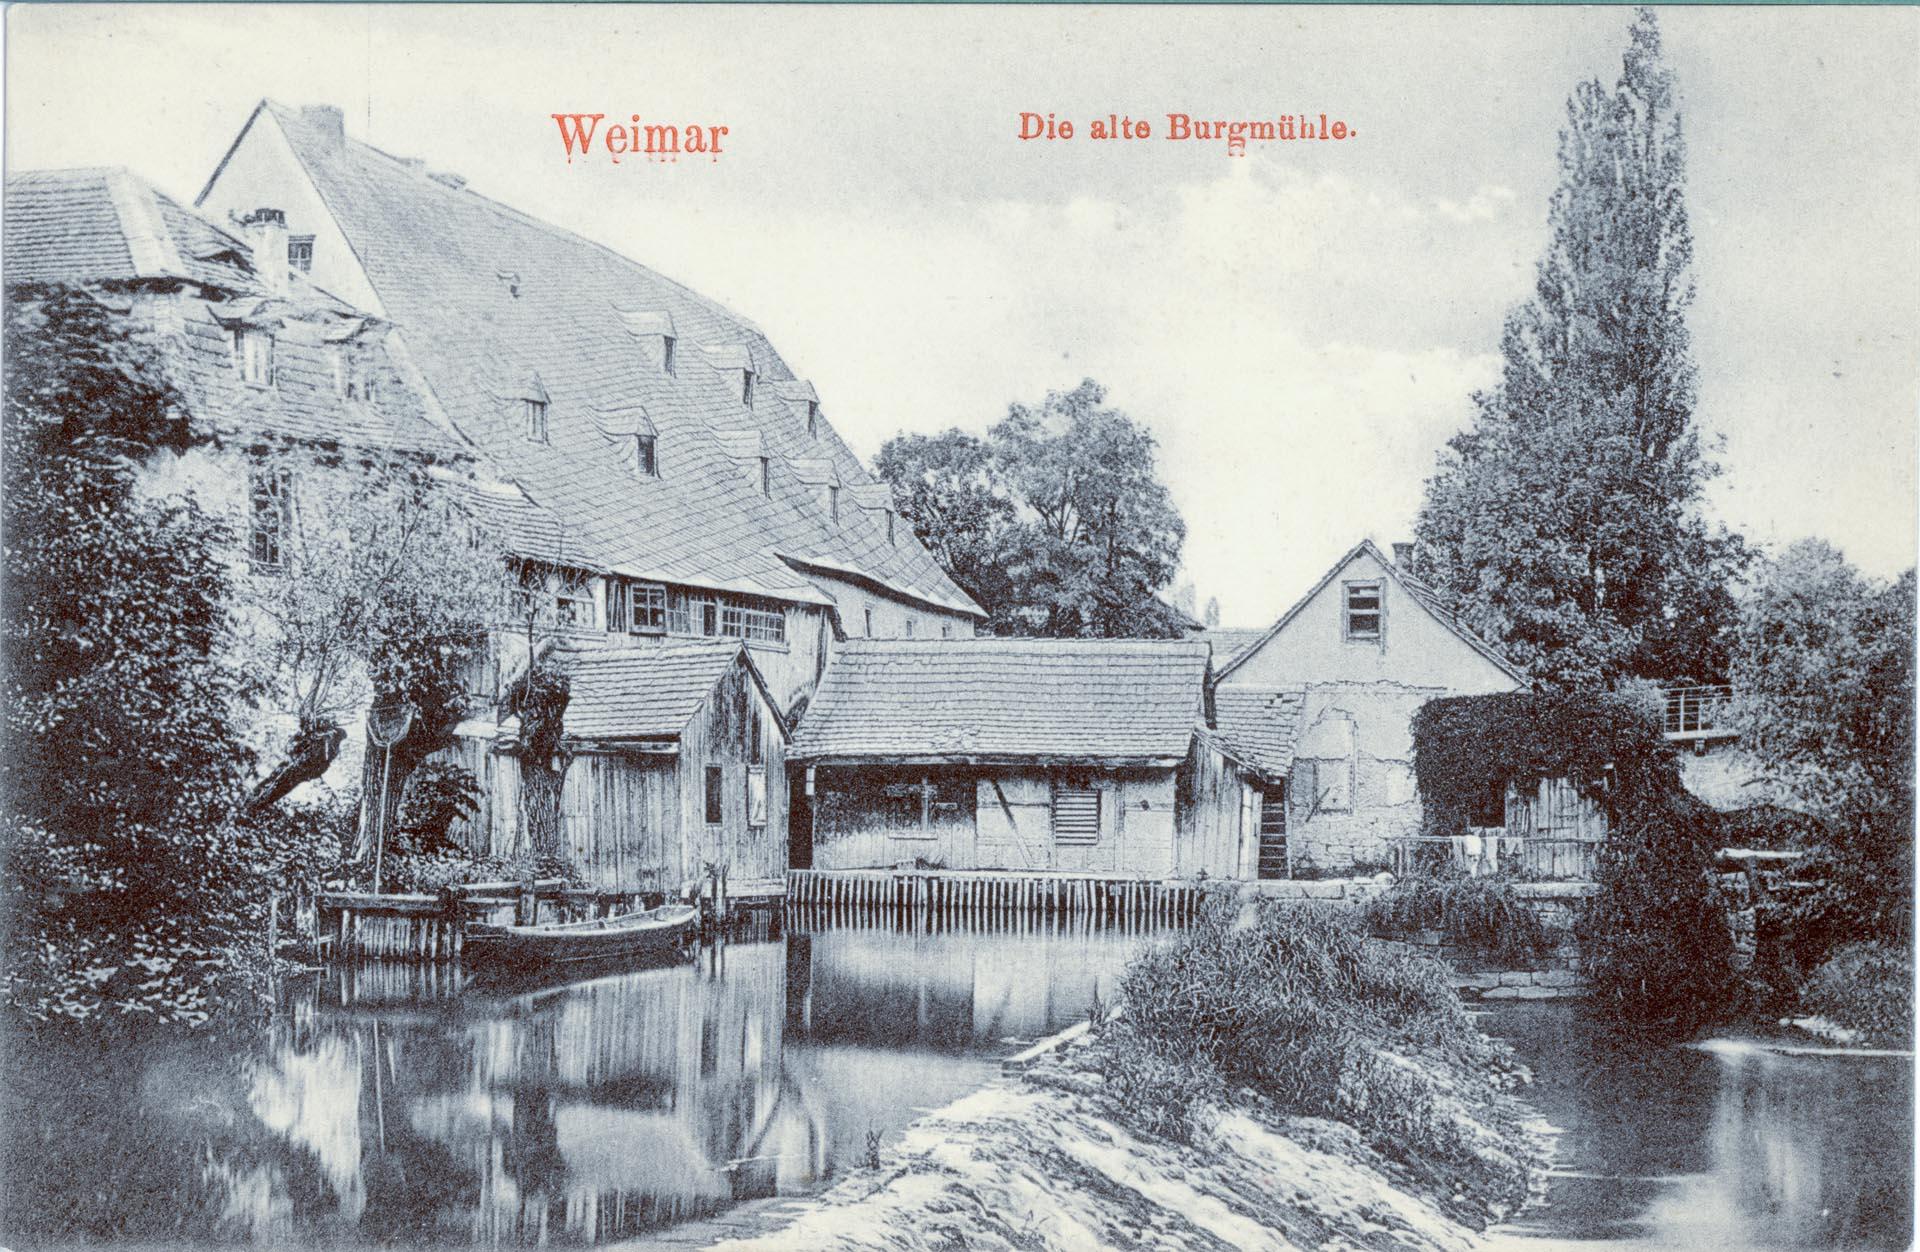 Die alte Burgmühle